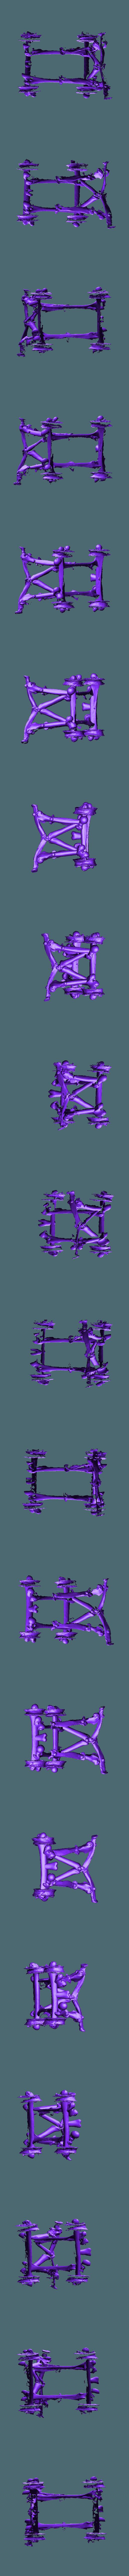 CatapultBody.stl Télécharger fichier STL gratuit Catapulte squelette mort vivant - Warmachines • Plan pour impression 3D, BigMrTong